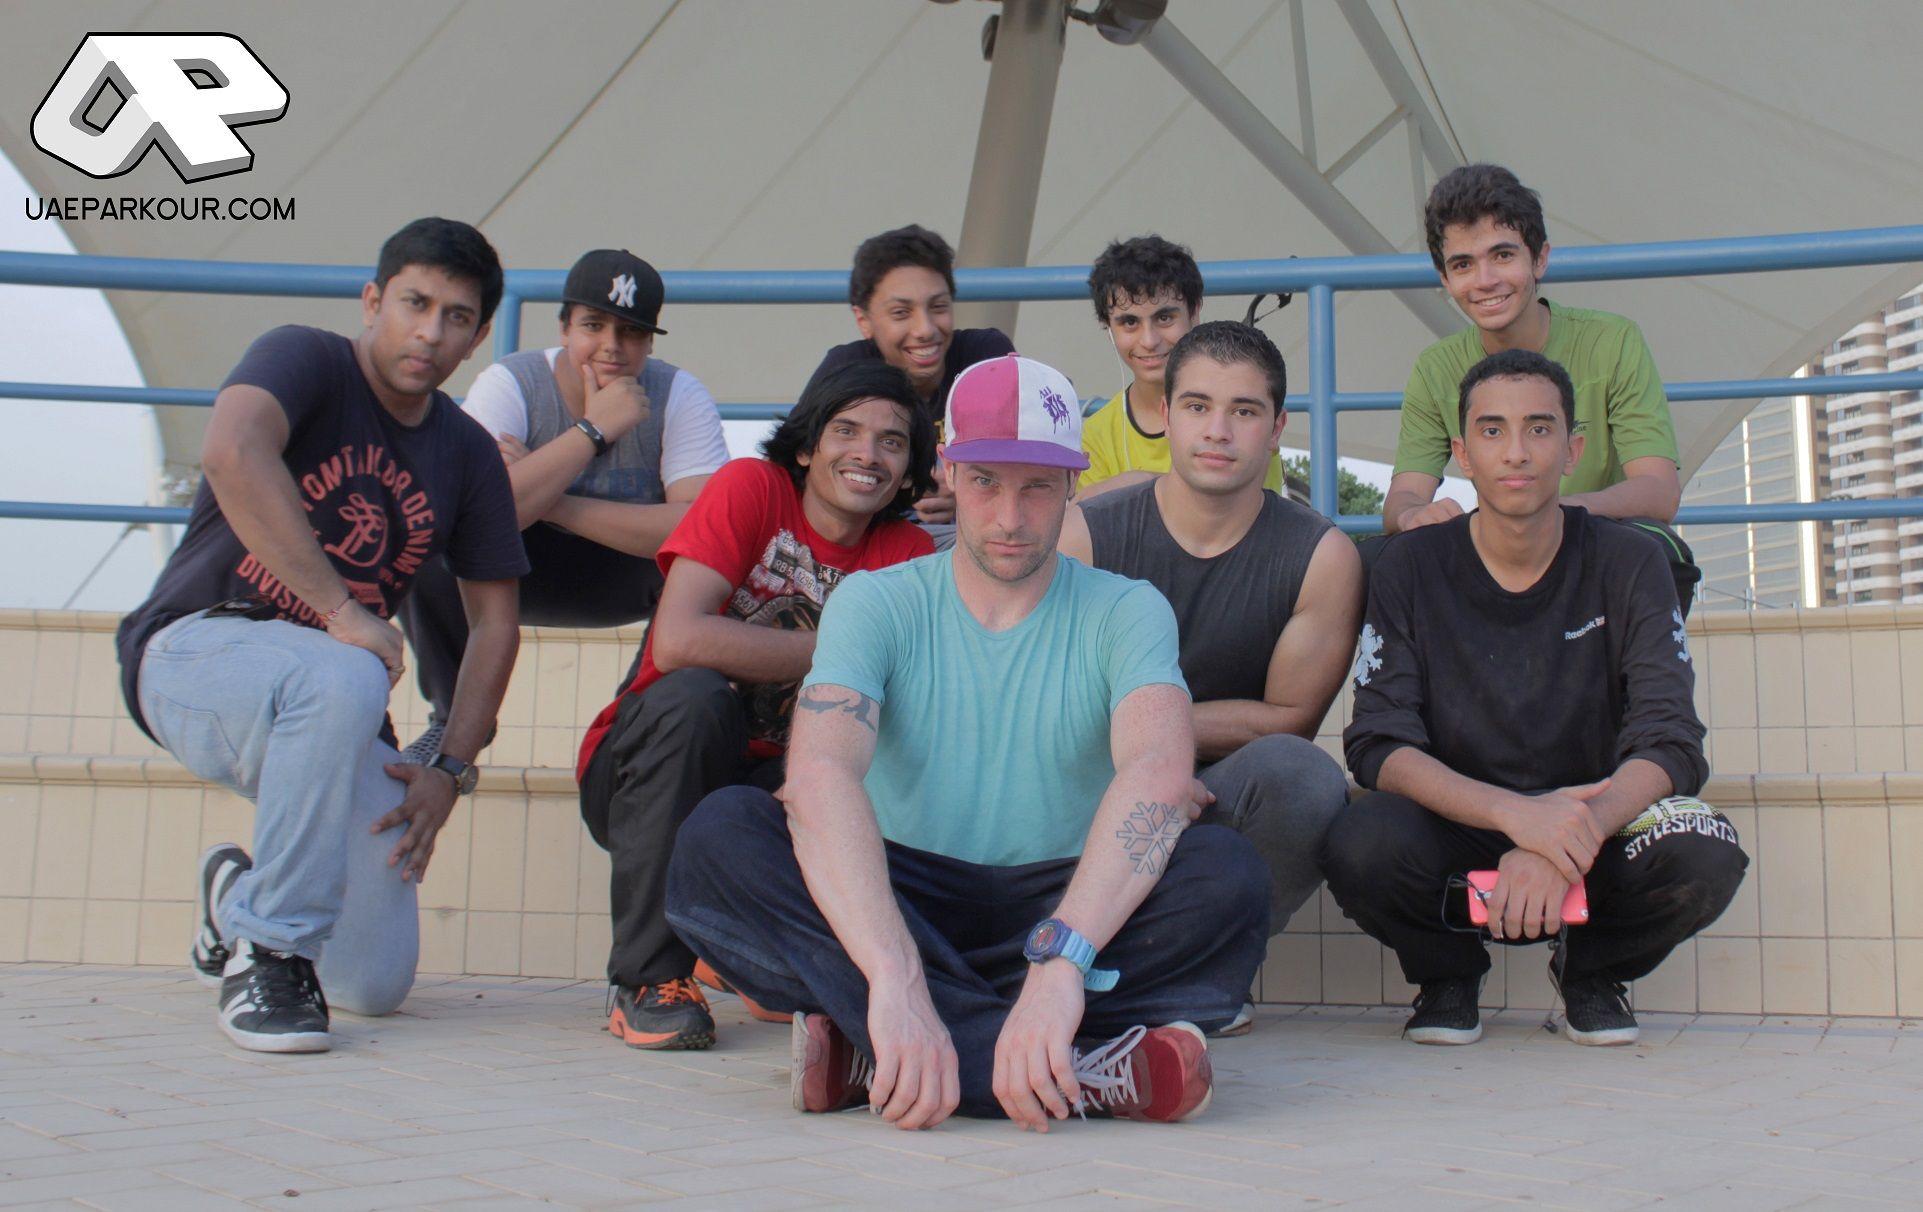 UAE Parkour